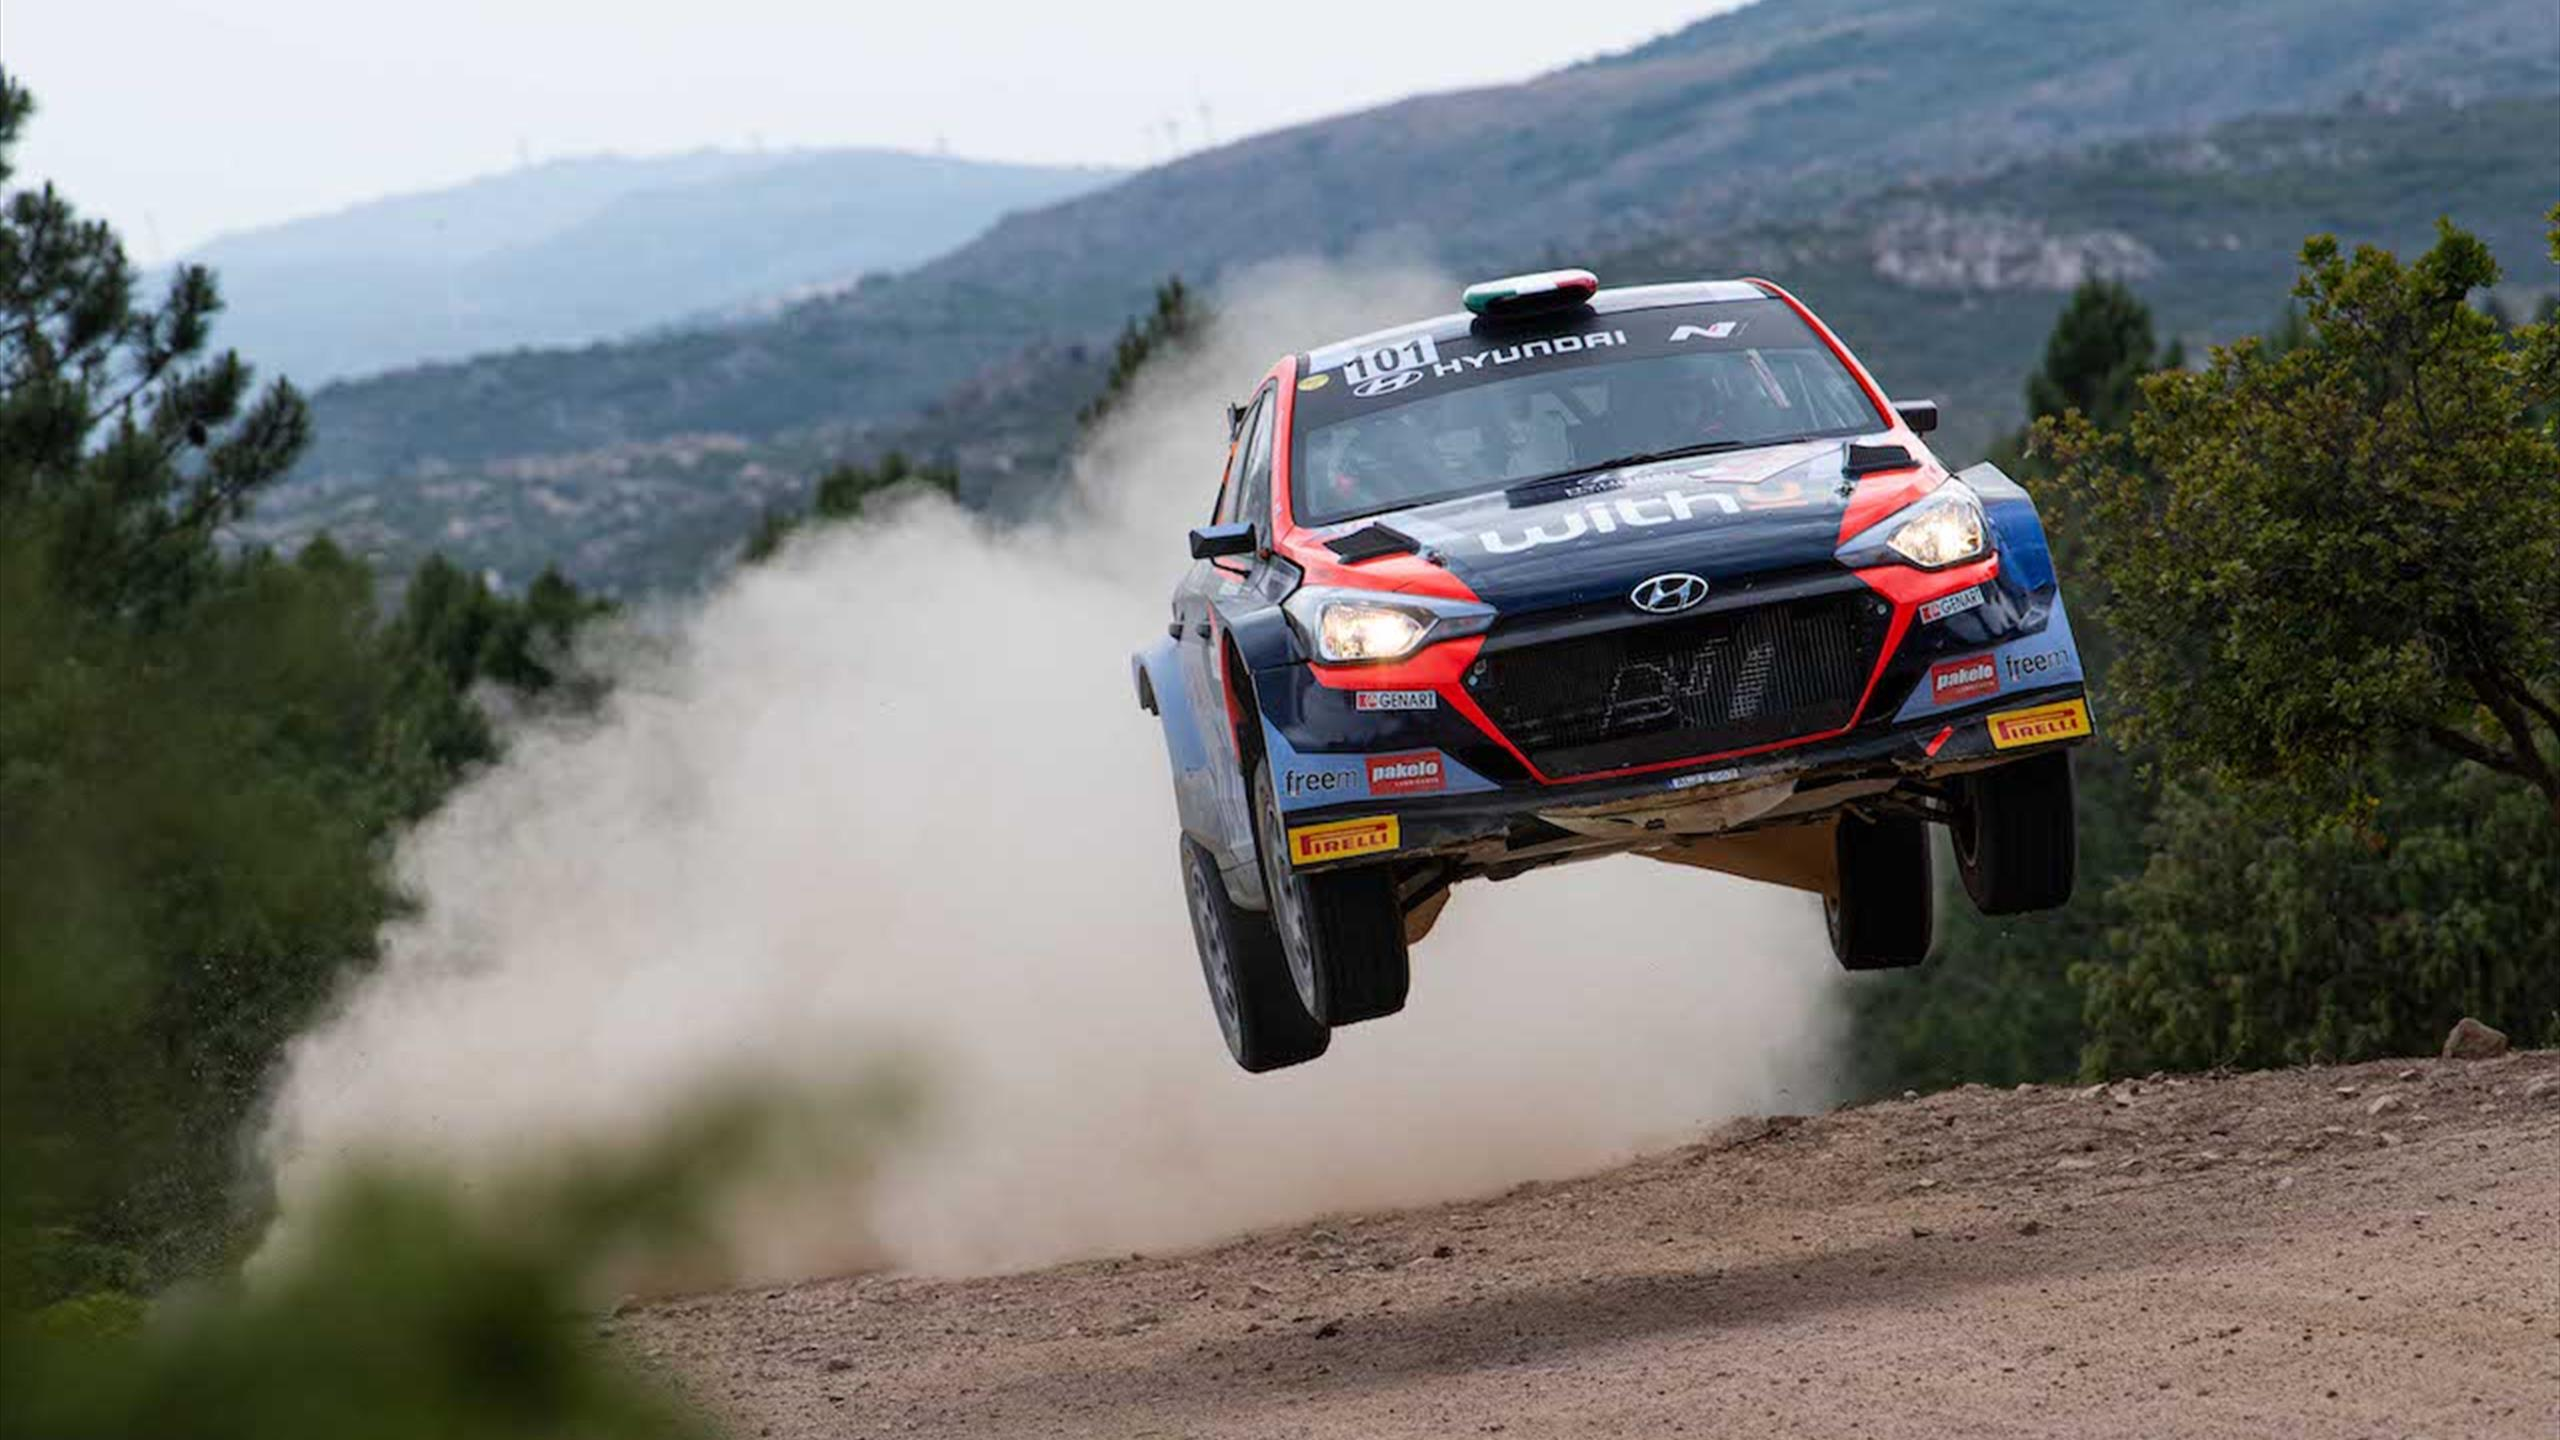 Scandola, Campedelli deliver on gravel again as new ERC season approaches -  EurosportEurosport